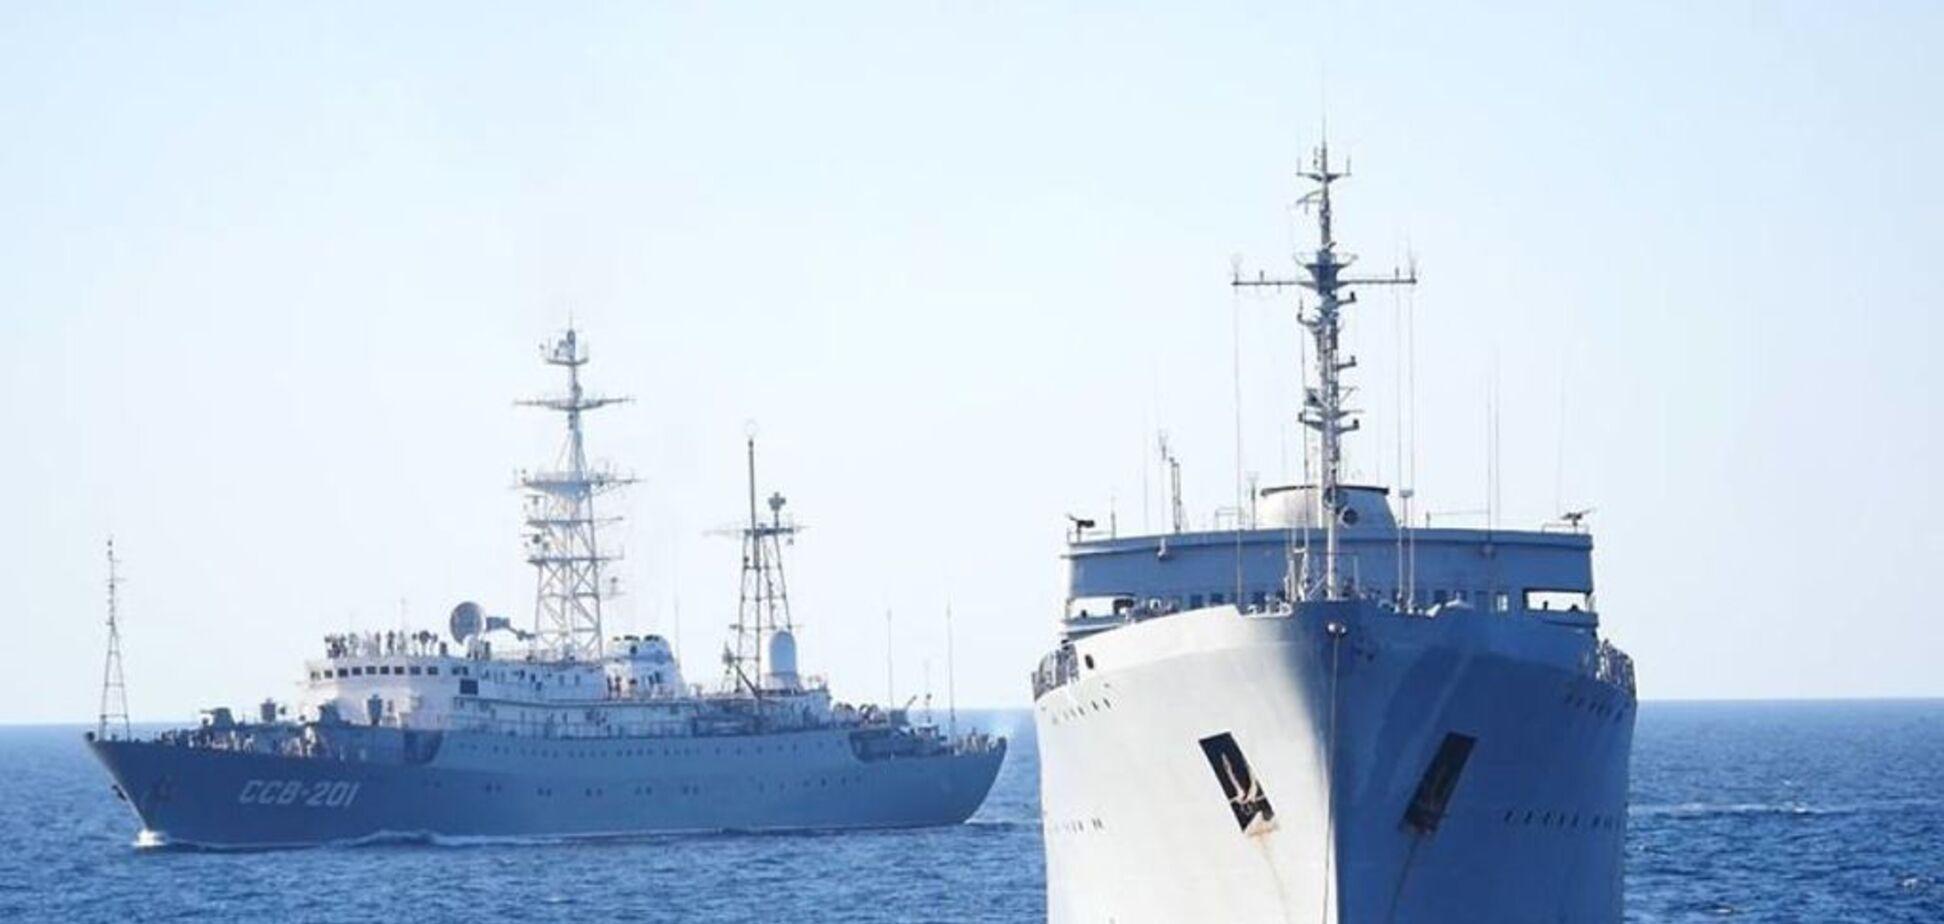 Взялась за старое: Россия решилась на новую подлость в Керченском проливе